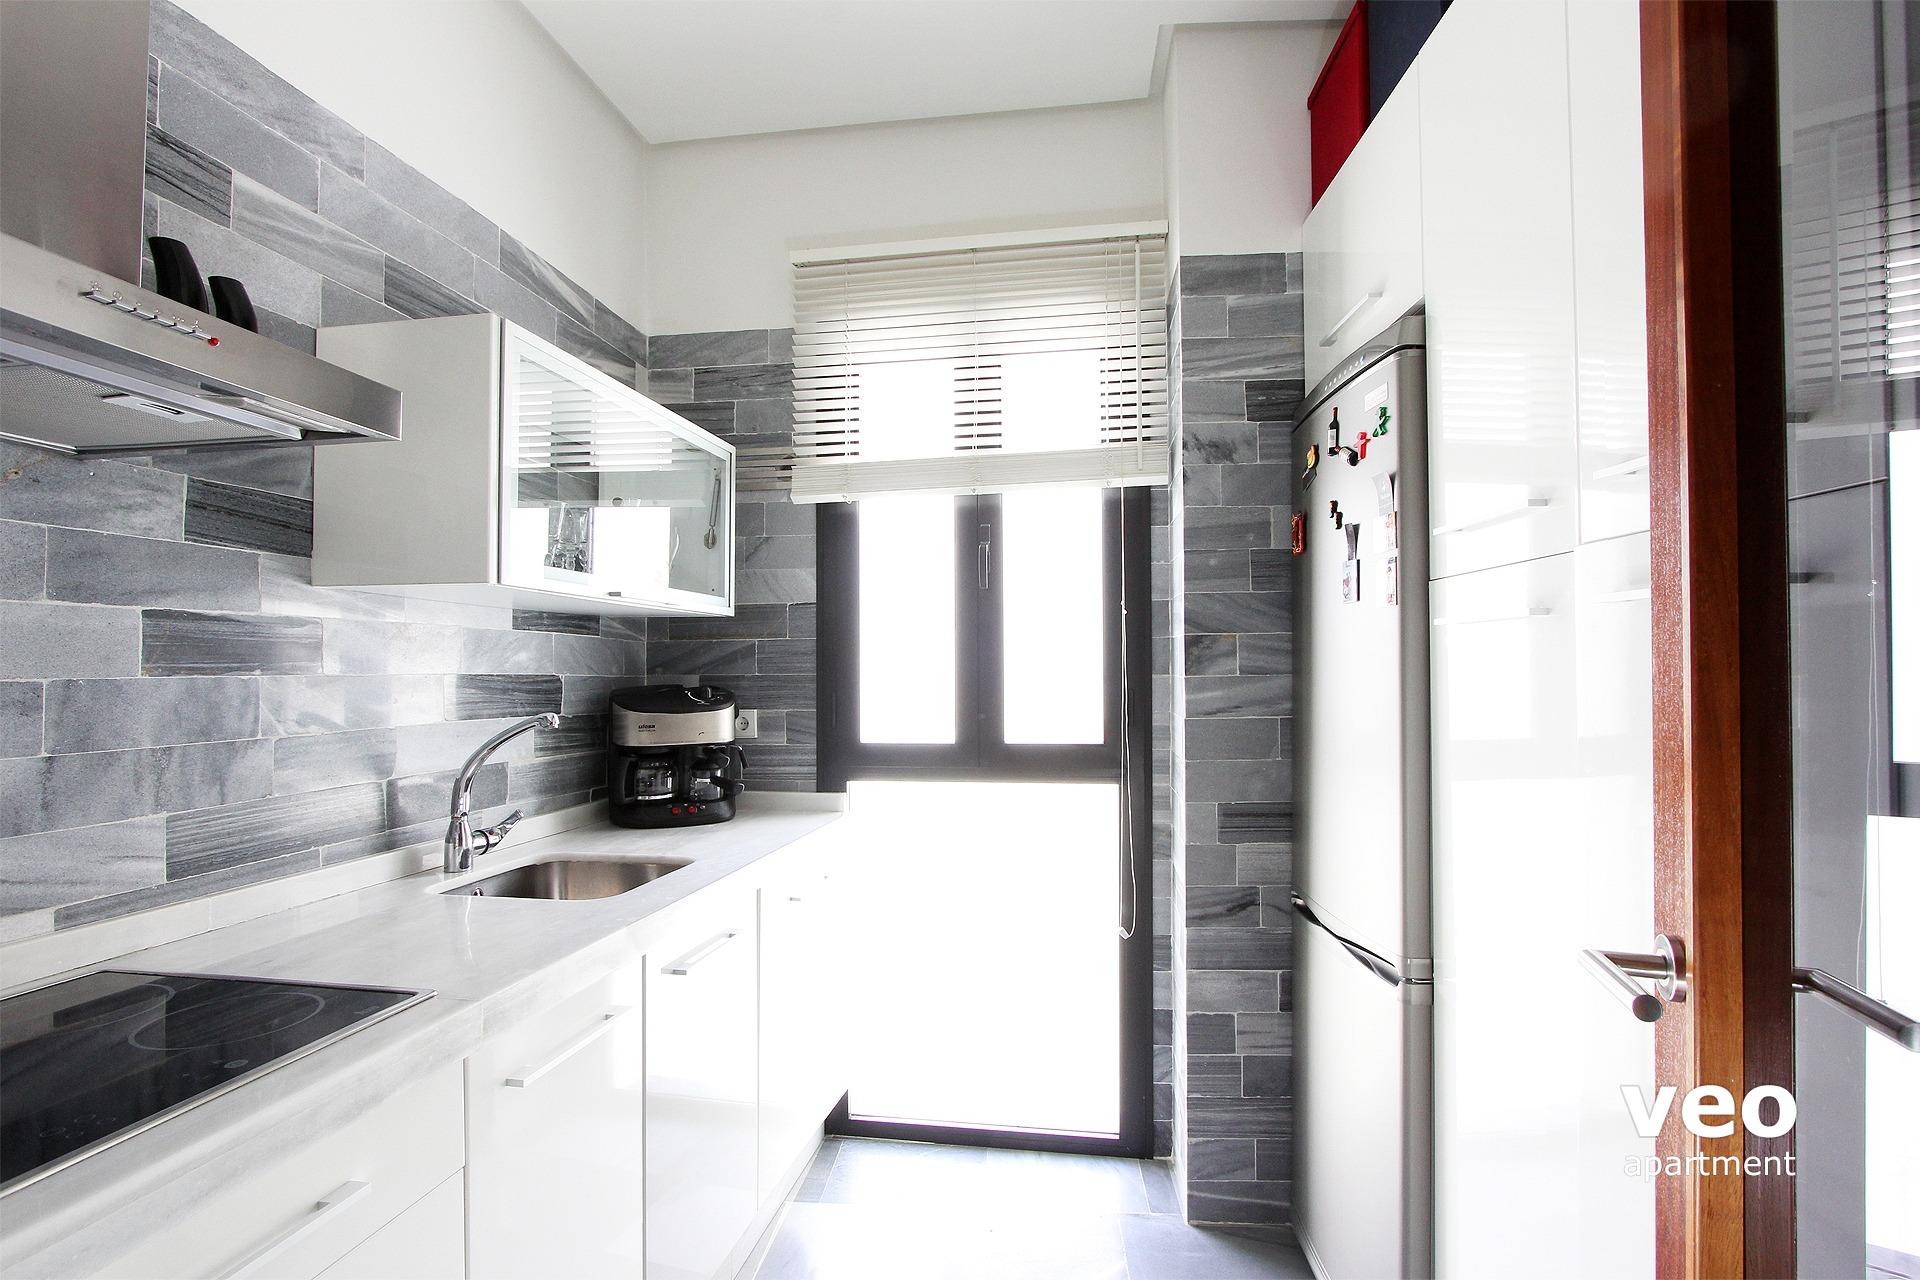 dan k che modern gardena wasserhahn k che deavita kleine gr n streichen ebay kleinanzeigen. Black Bedroom Furniture Sets. Home Design Ideas